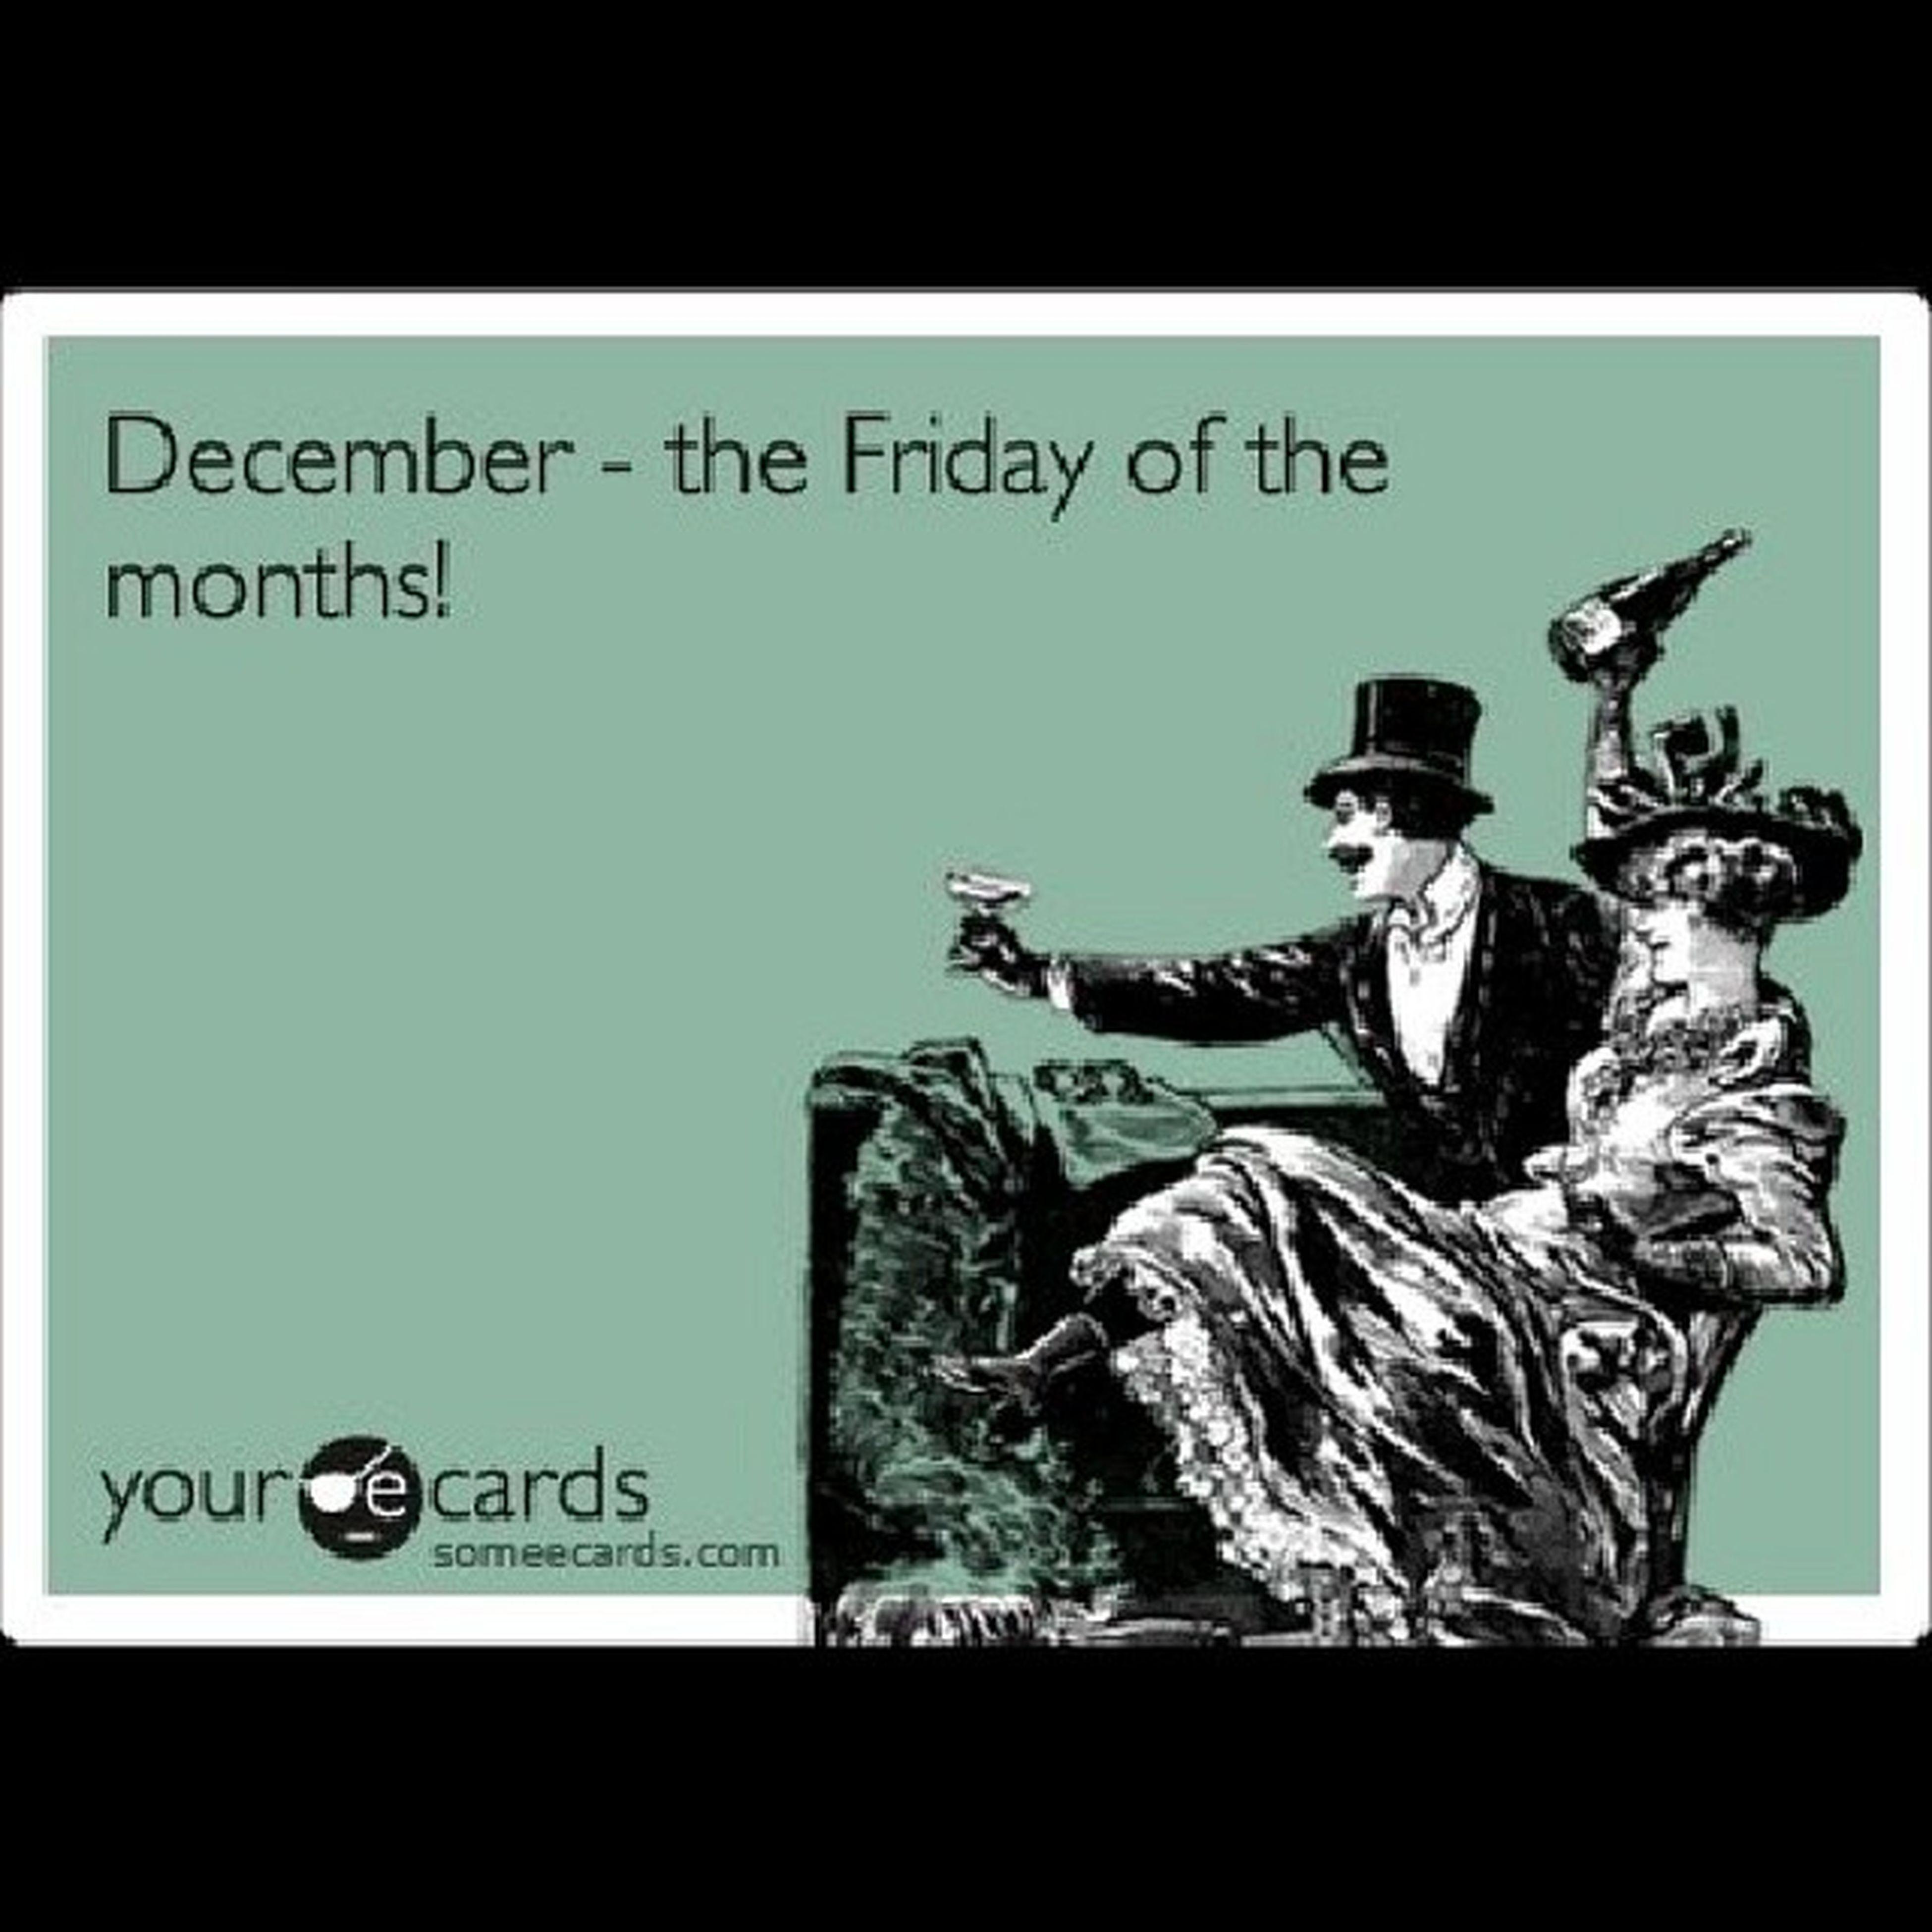 INDEED!!! And I'm making everyday a celebration :-) ItsDecember December HeyDecember DecemberTheFridayOfTheMonths LastMonthOf2013